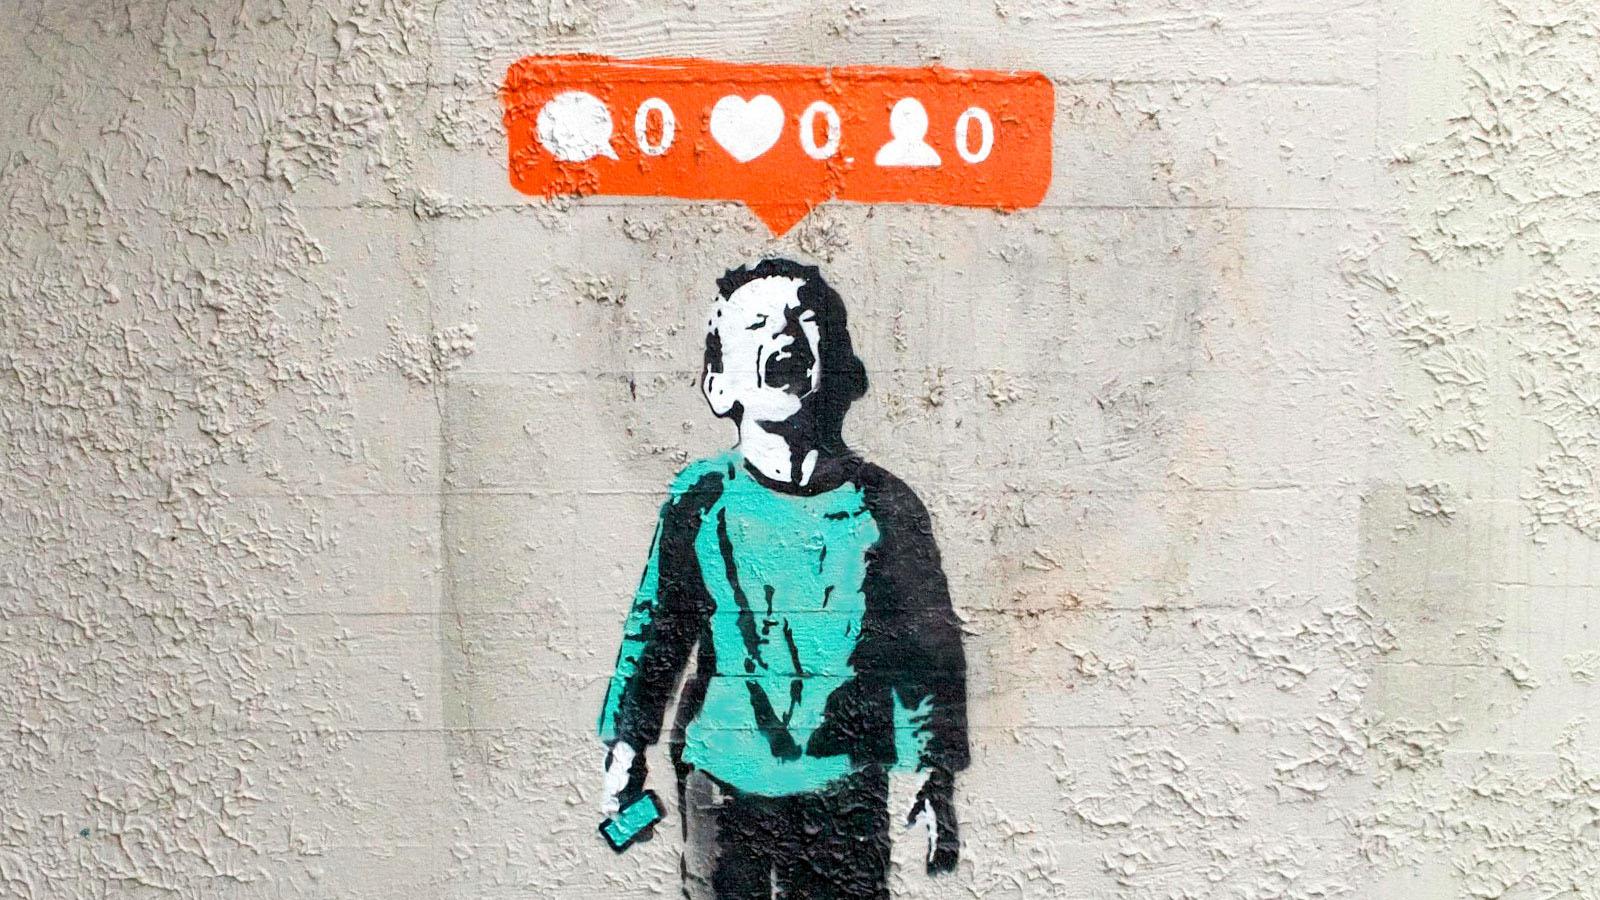 Valentinstag? Kannste vergessen! - Graffito eines weinenden Jungen mit Smartphone in der Hand